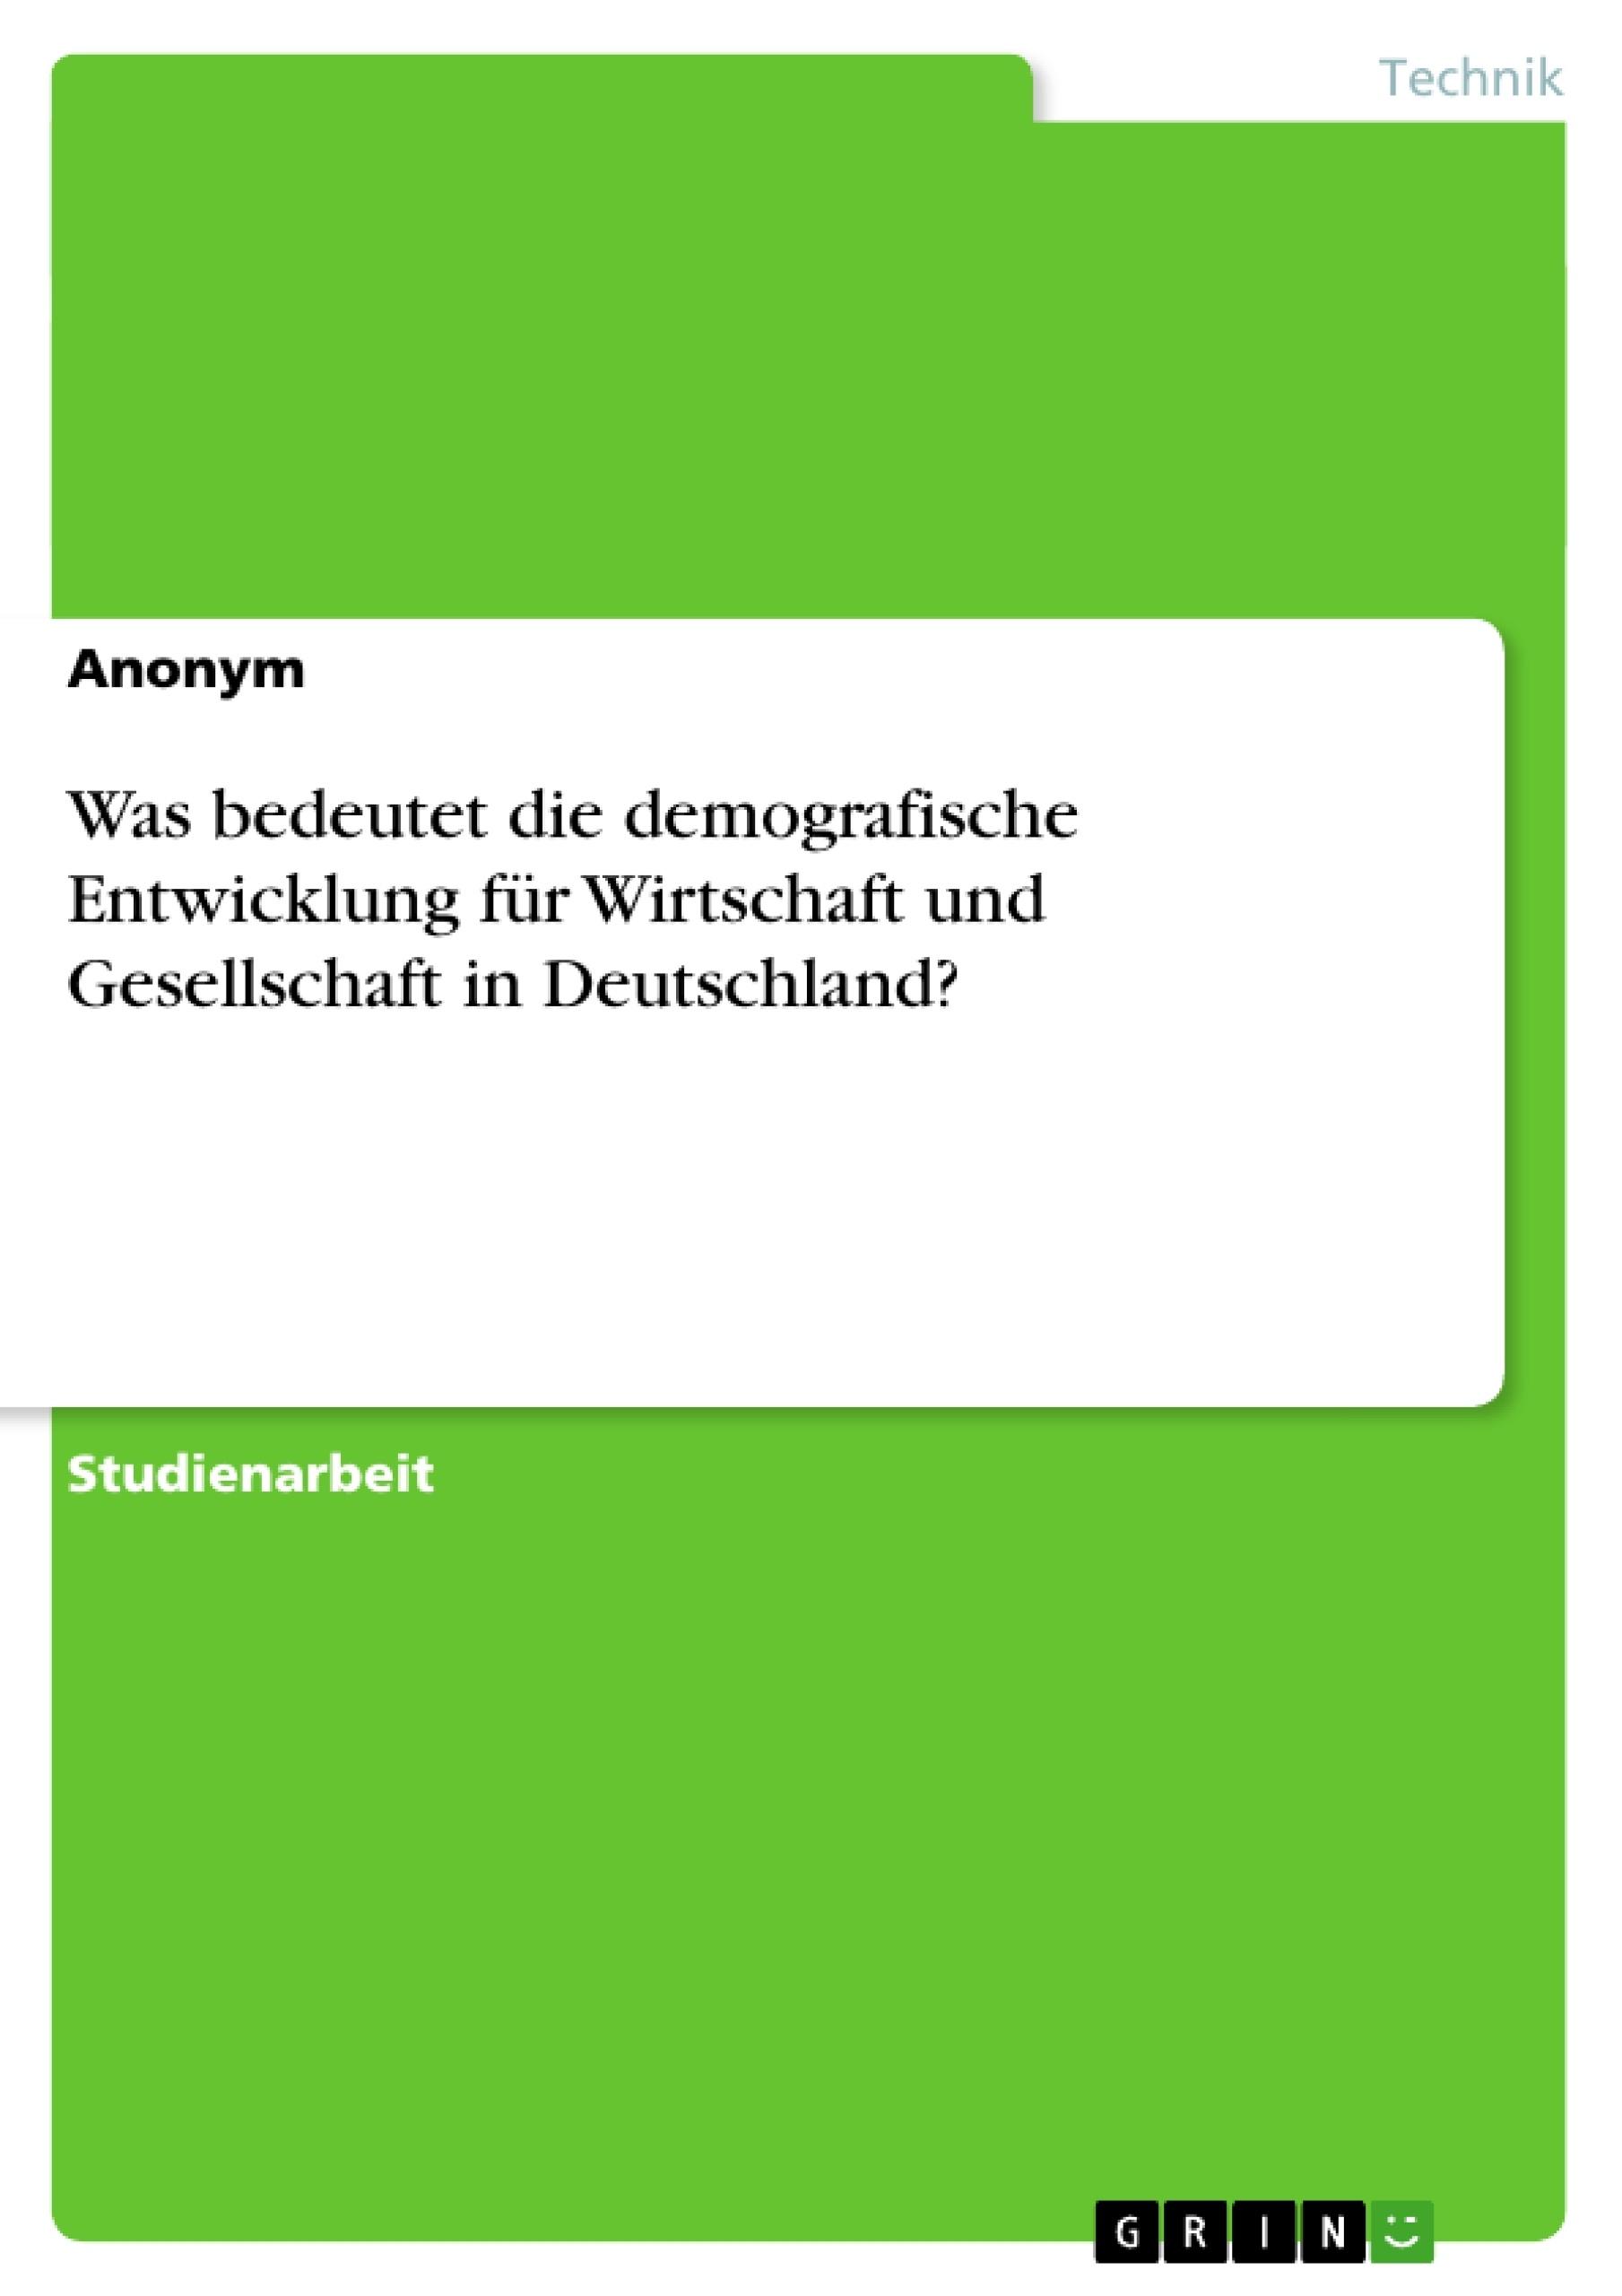 Titel: Was bedeutet die demografische Entwicklung für Wirtschaft und Gesellschaft in Deutschland?